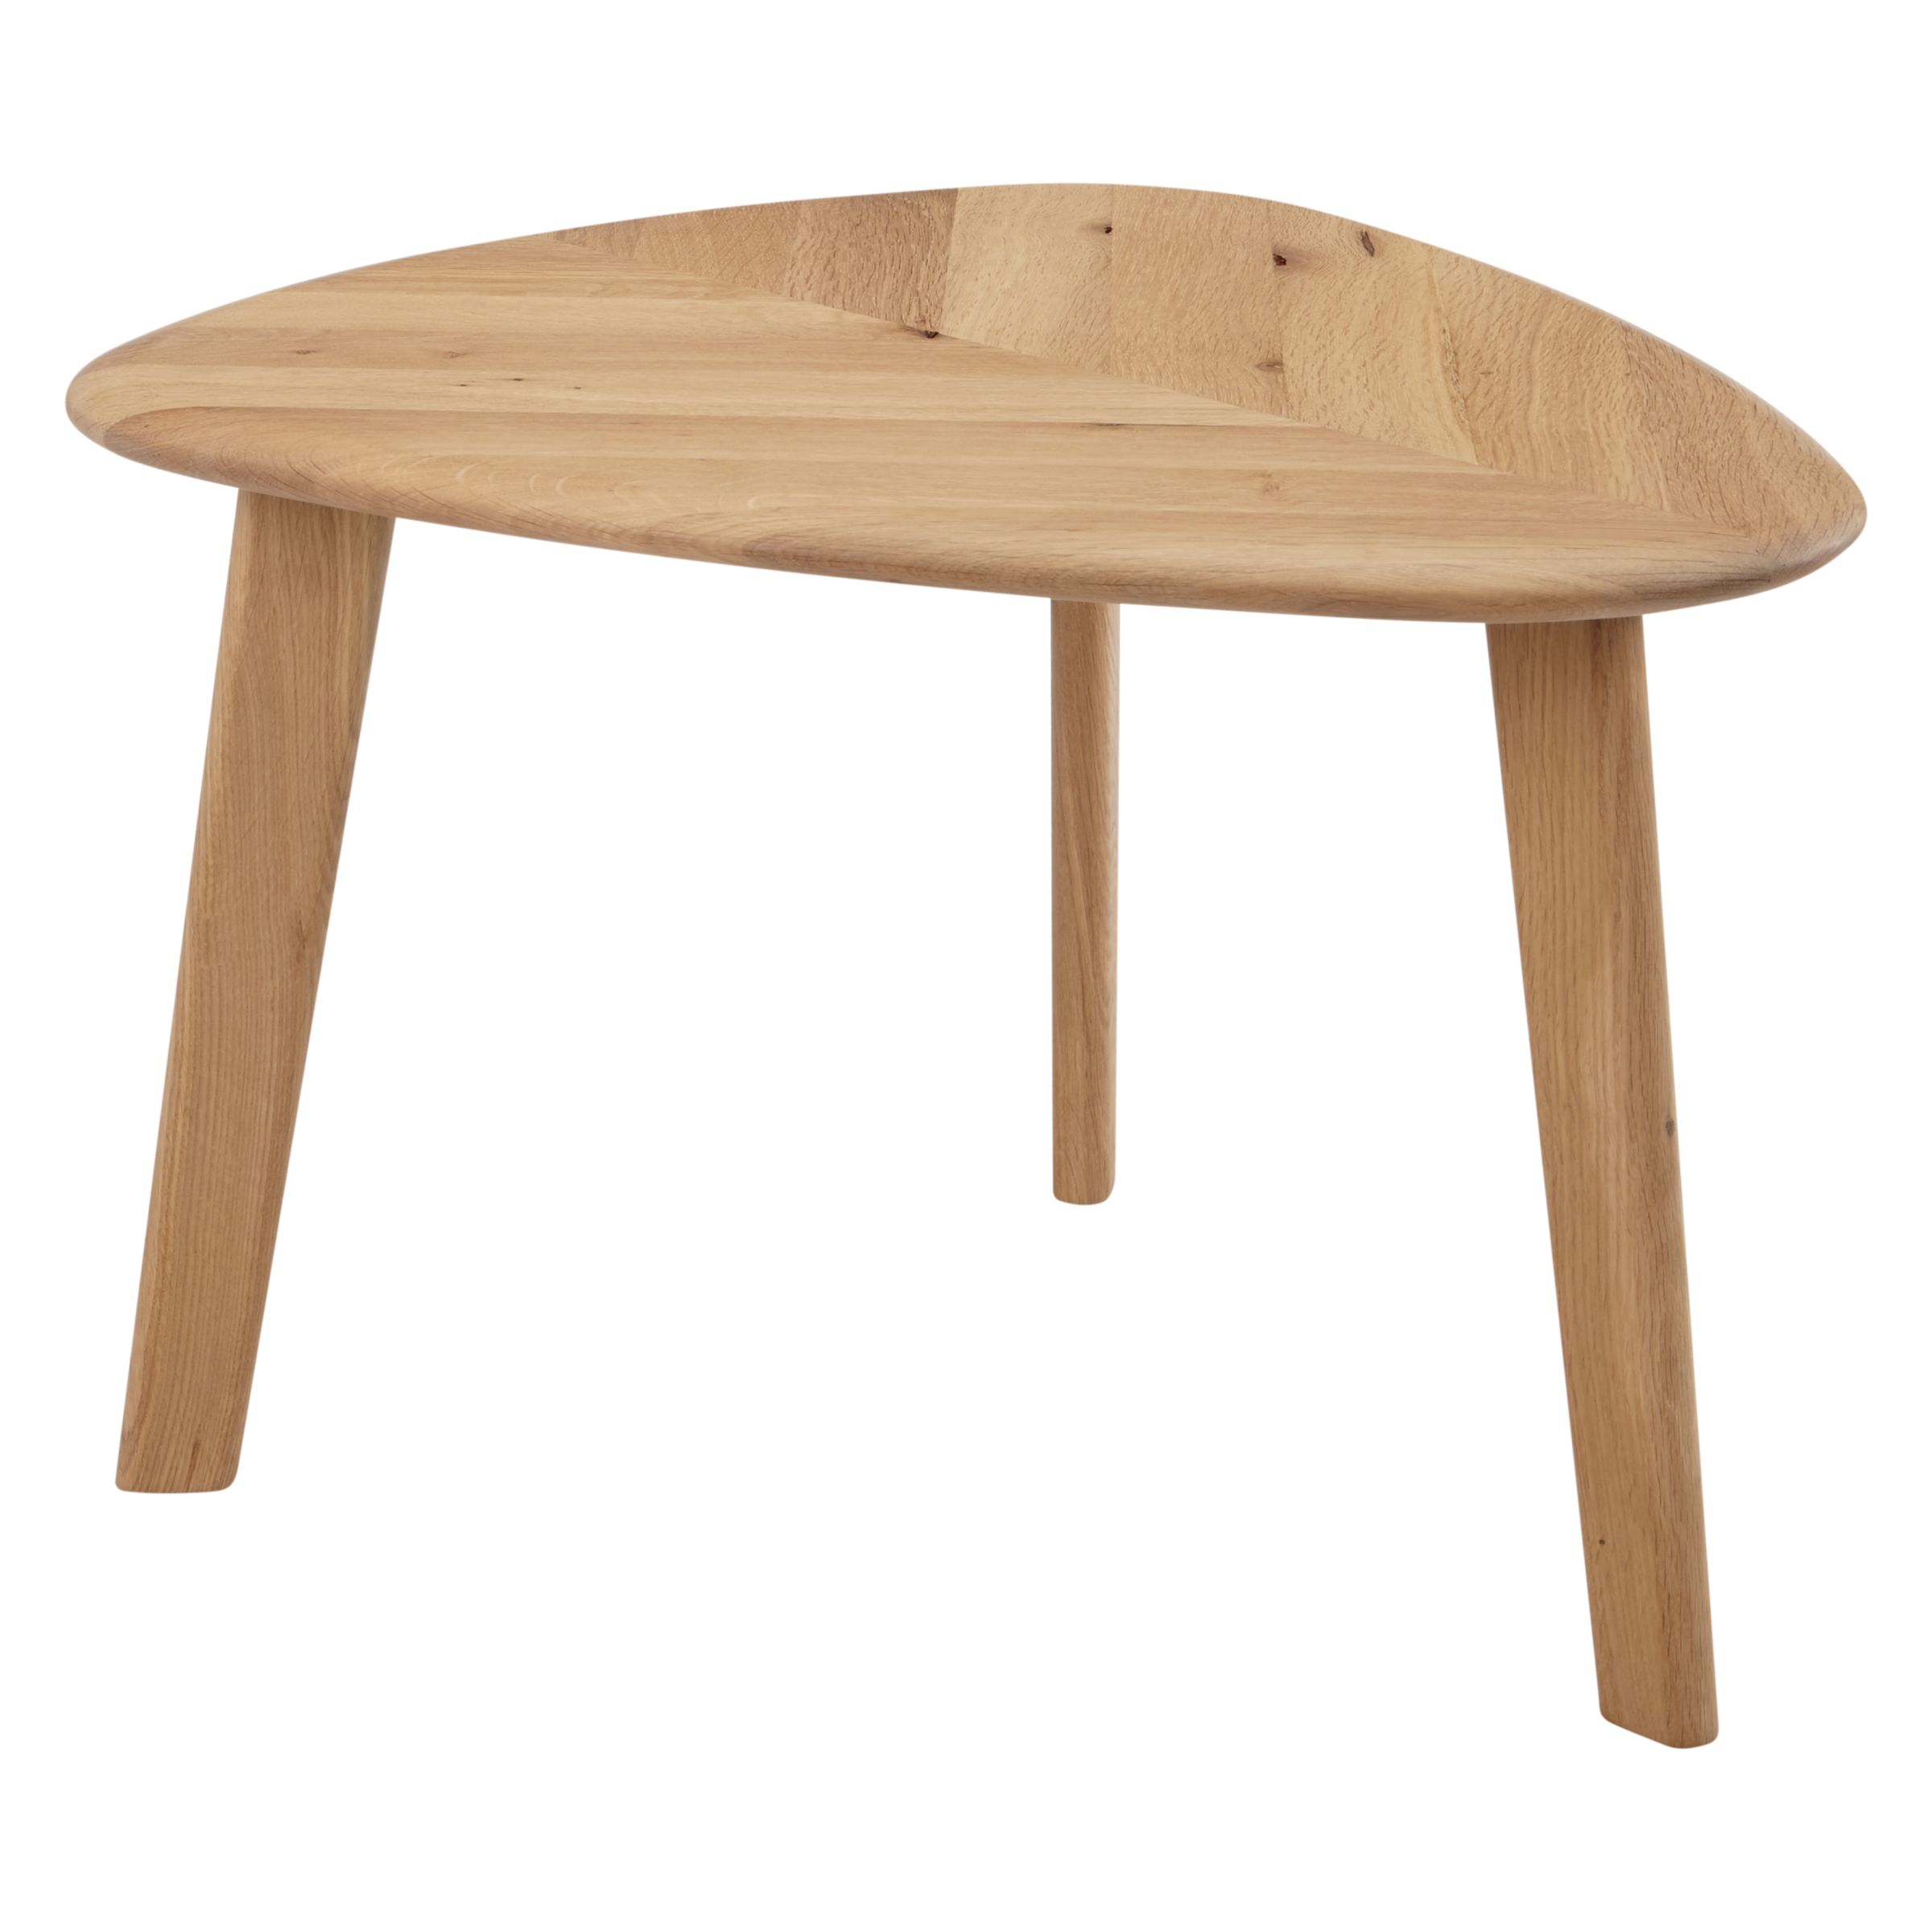 Ebbe Gehl for John Lewis Ebbe Gehl for John Lewis Mira Leaf Table, Medium